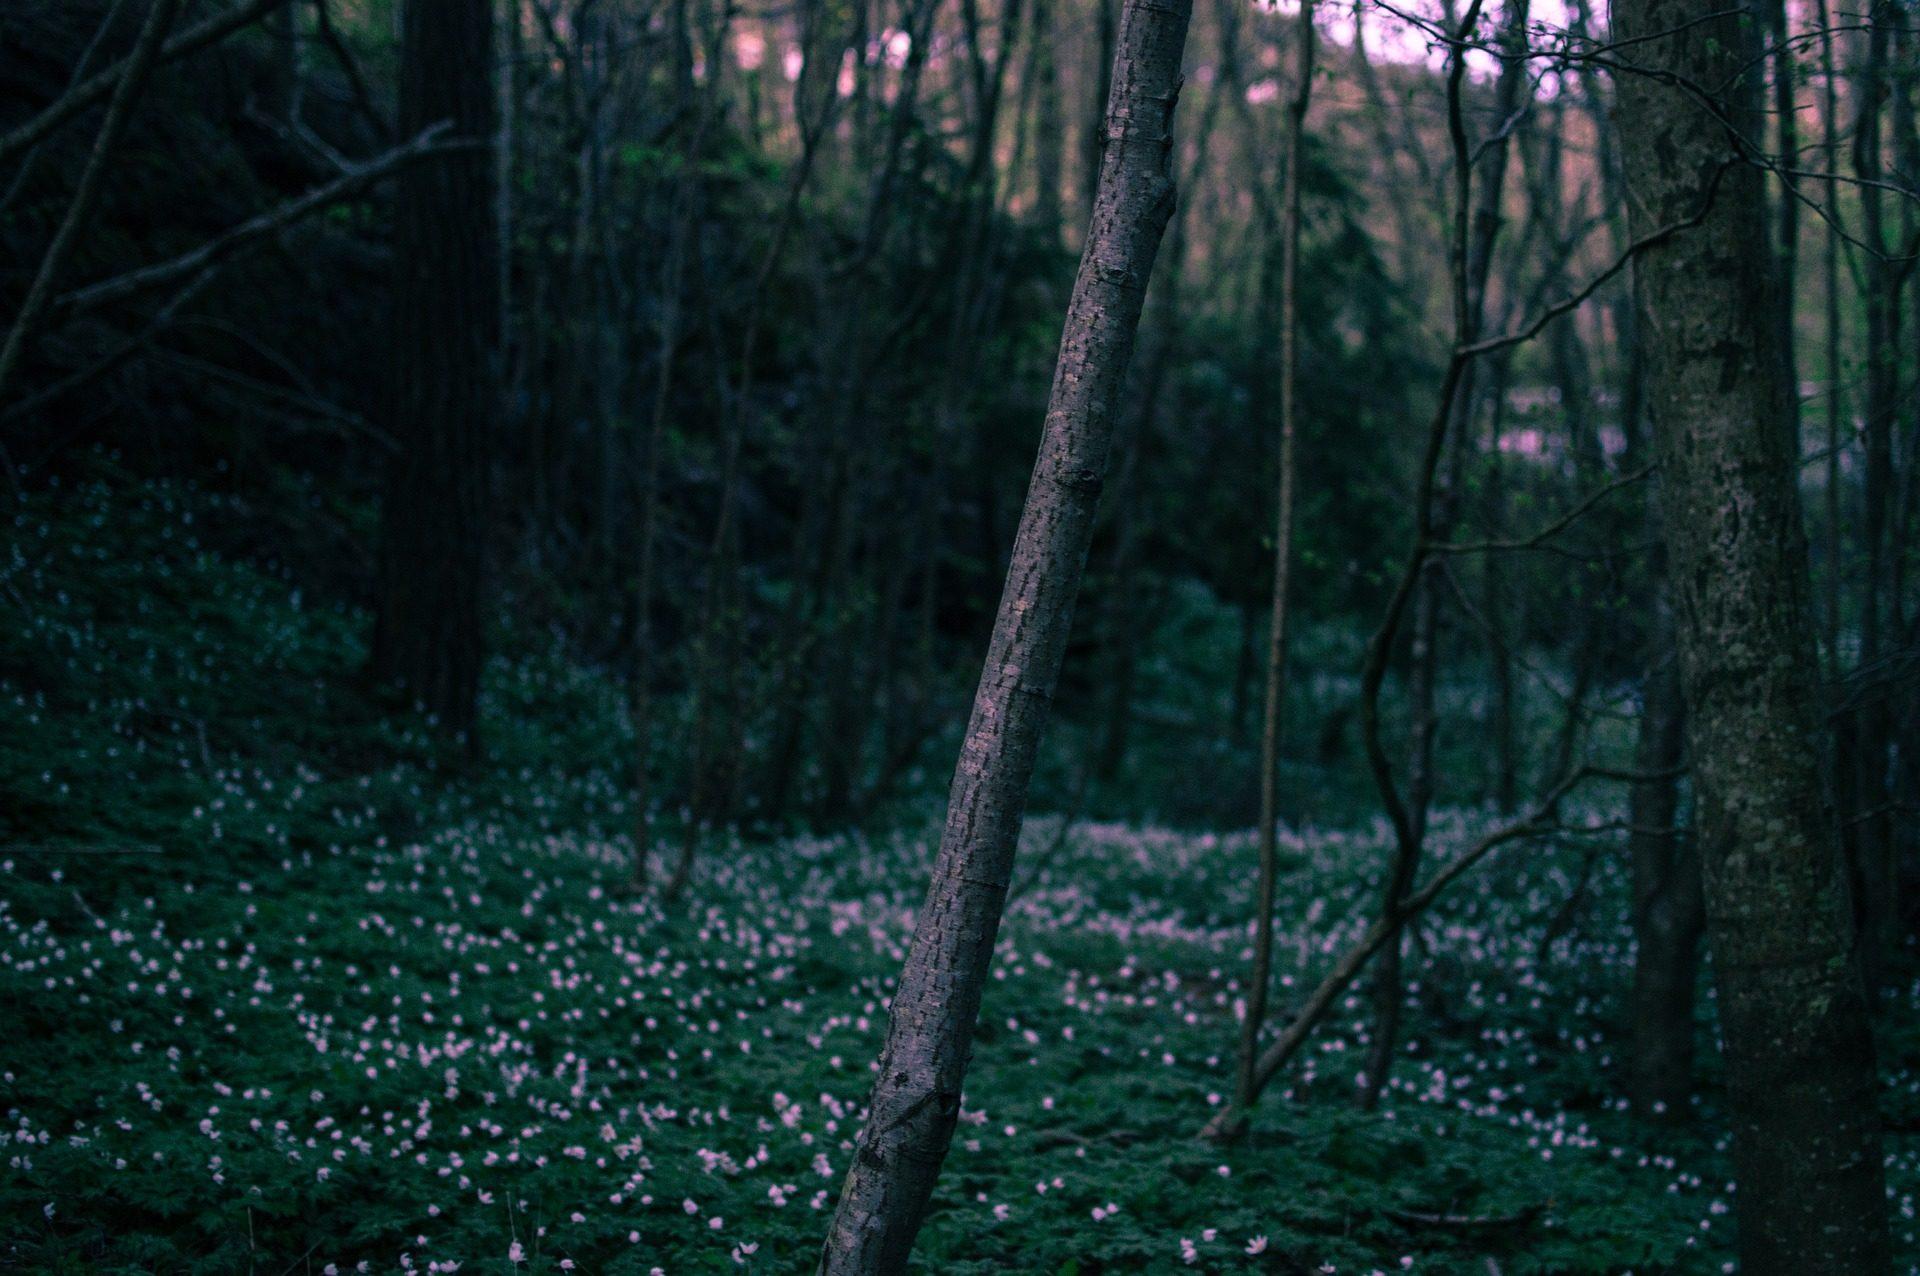 δάσος, δέντρα, λουλούδια, φύλλωμα, Άλμπα, Αυγή, γρασίδι - Wallpapers HD - Professor-falken.com